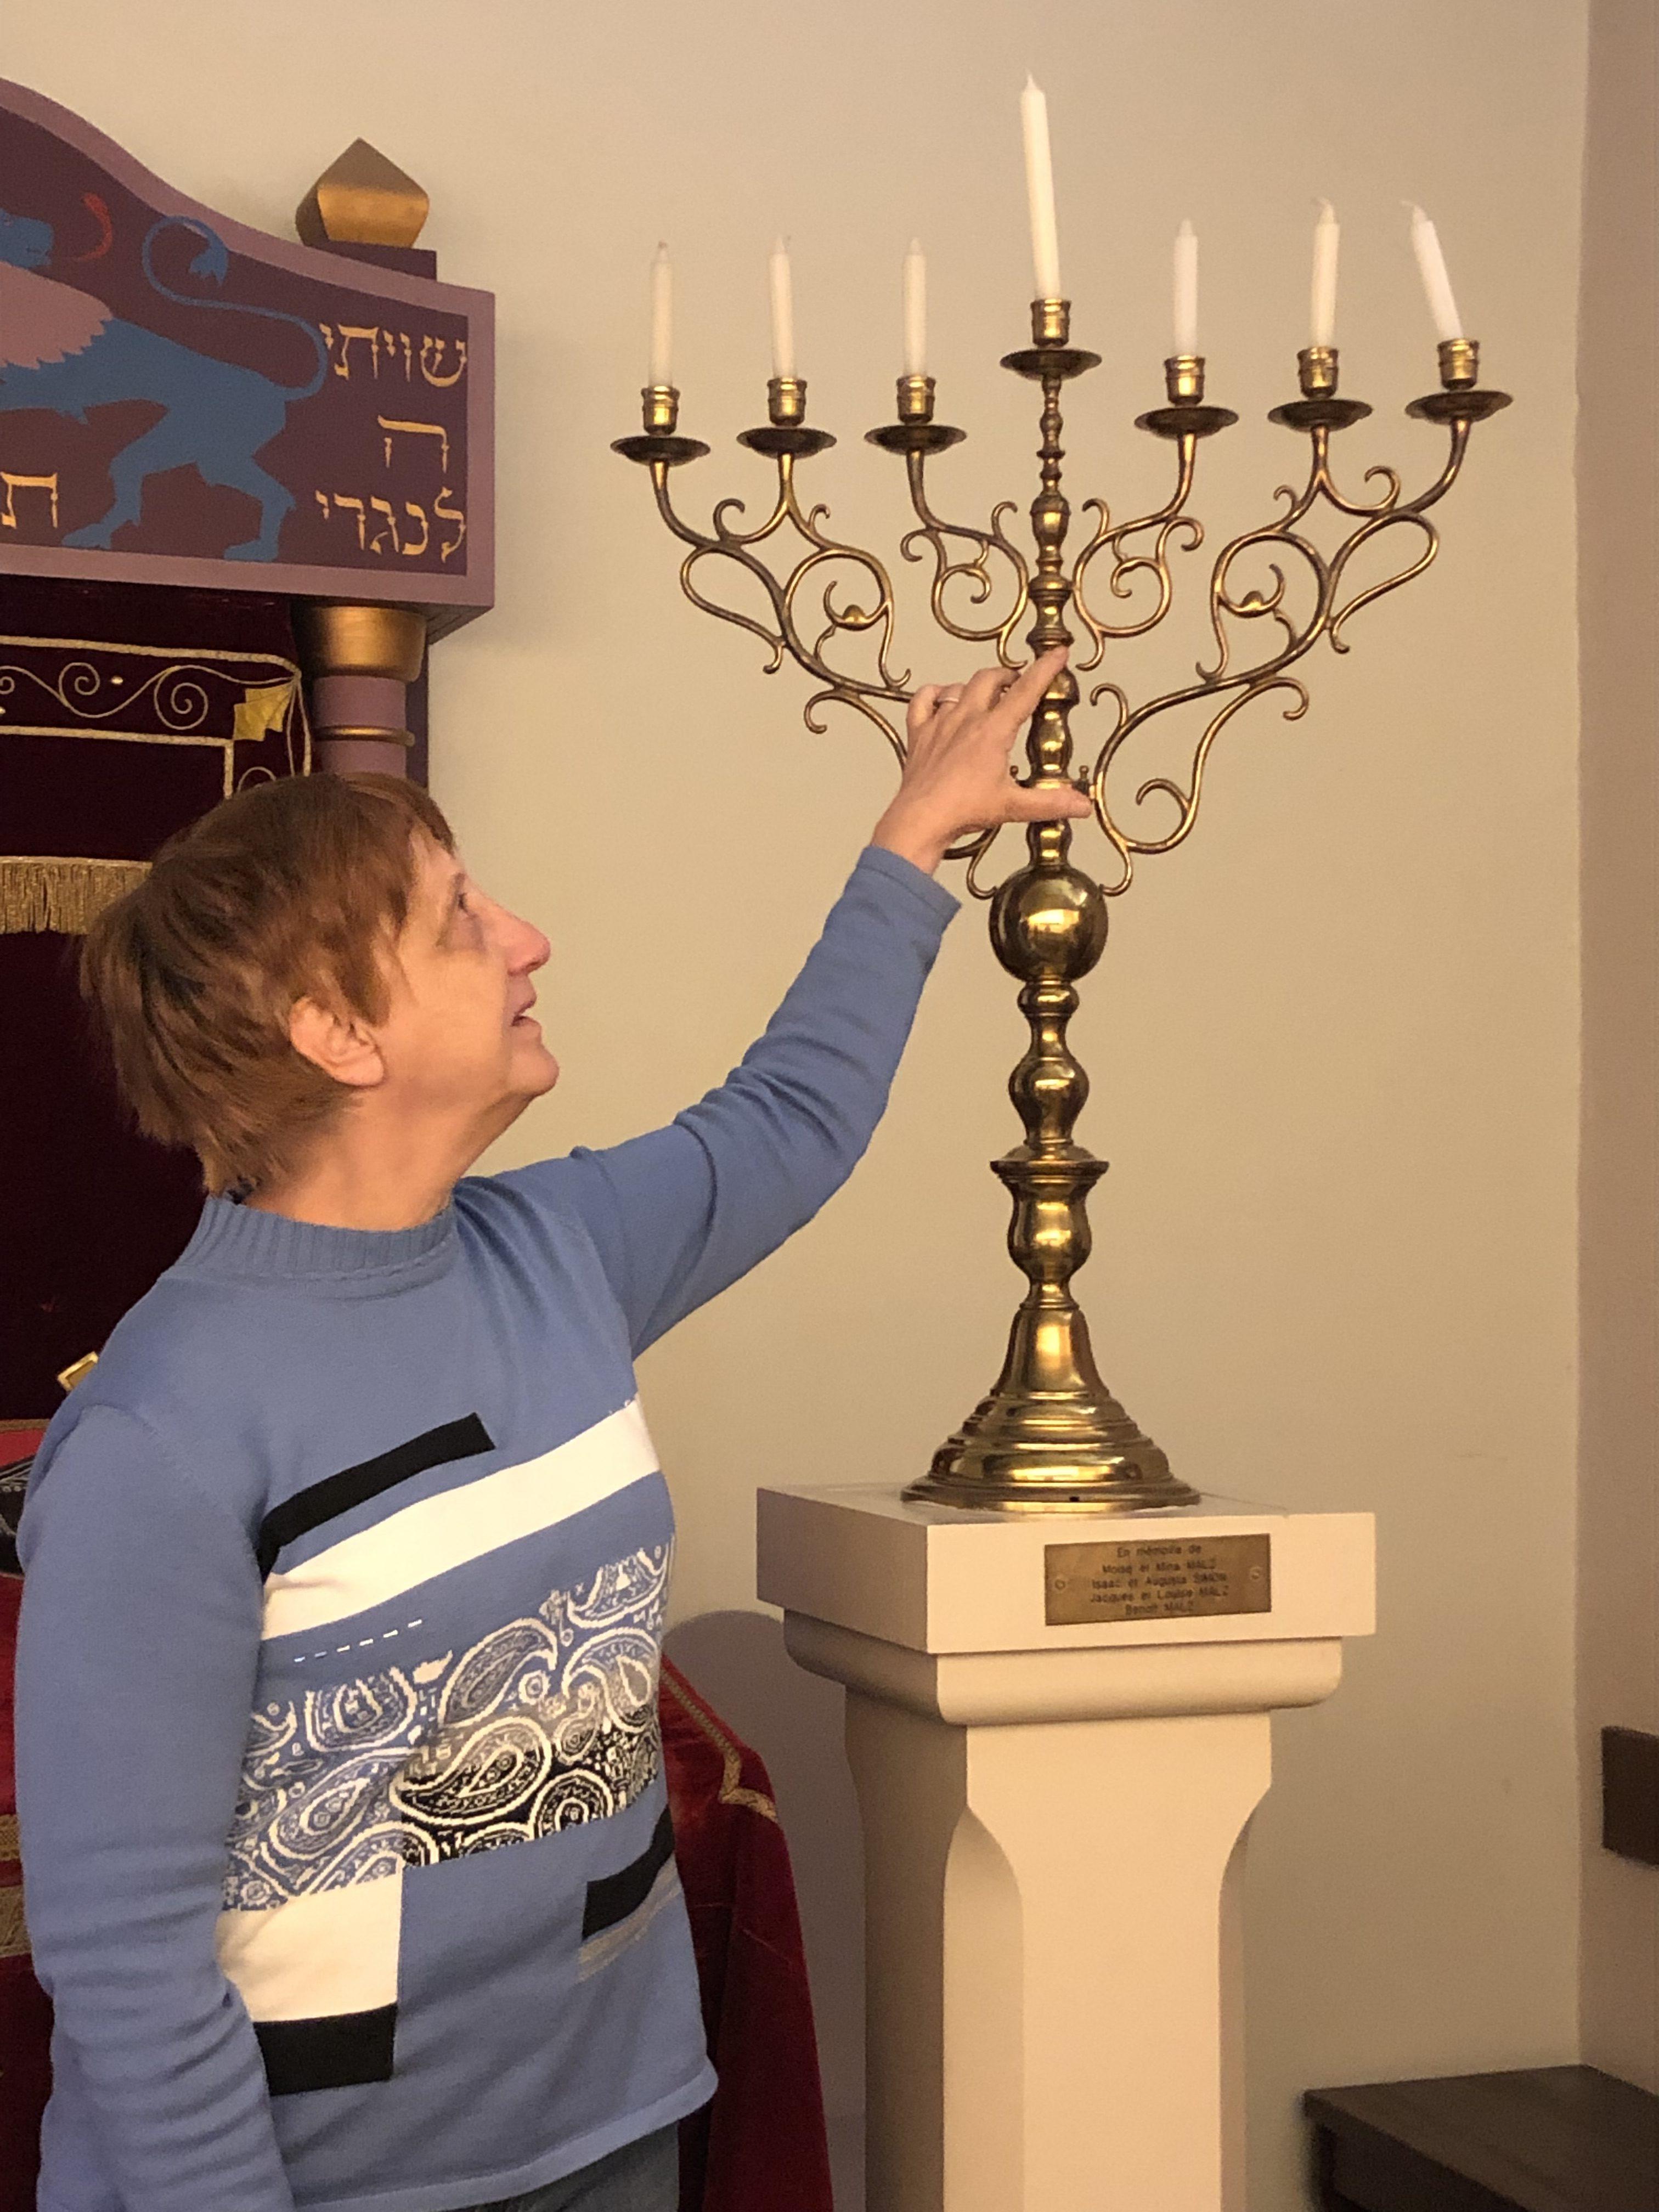 Musée Judéo-Alsacien : présentation d'une menorah à toucher